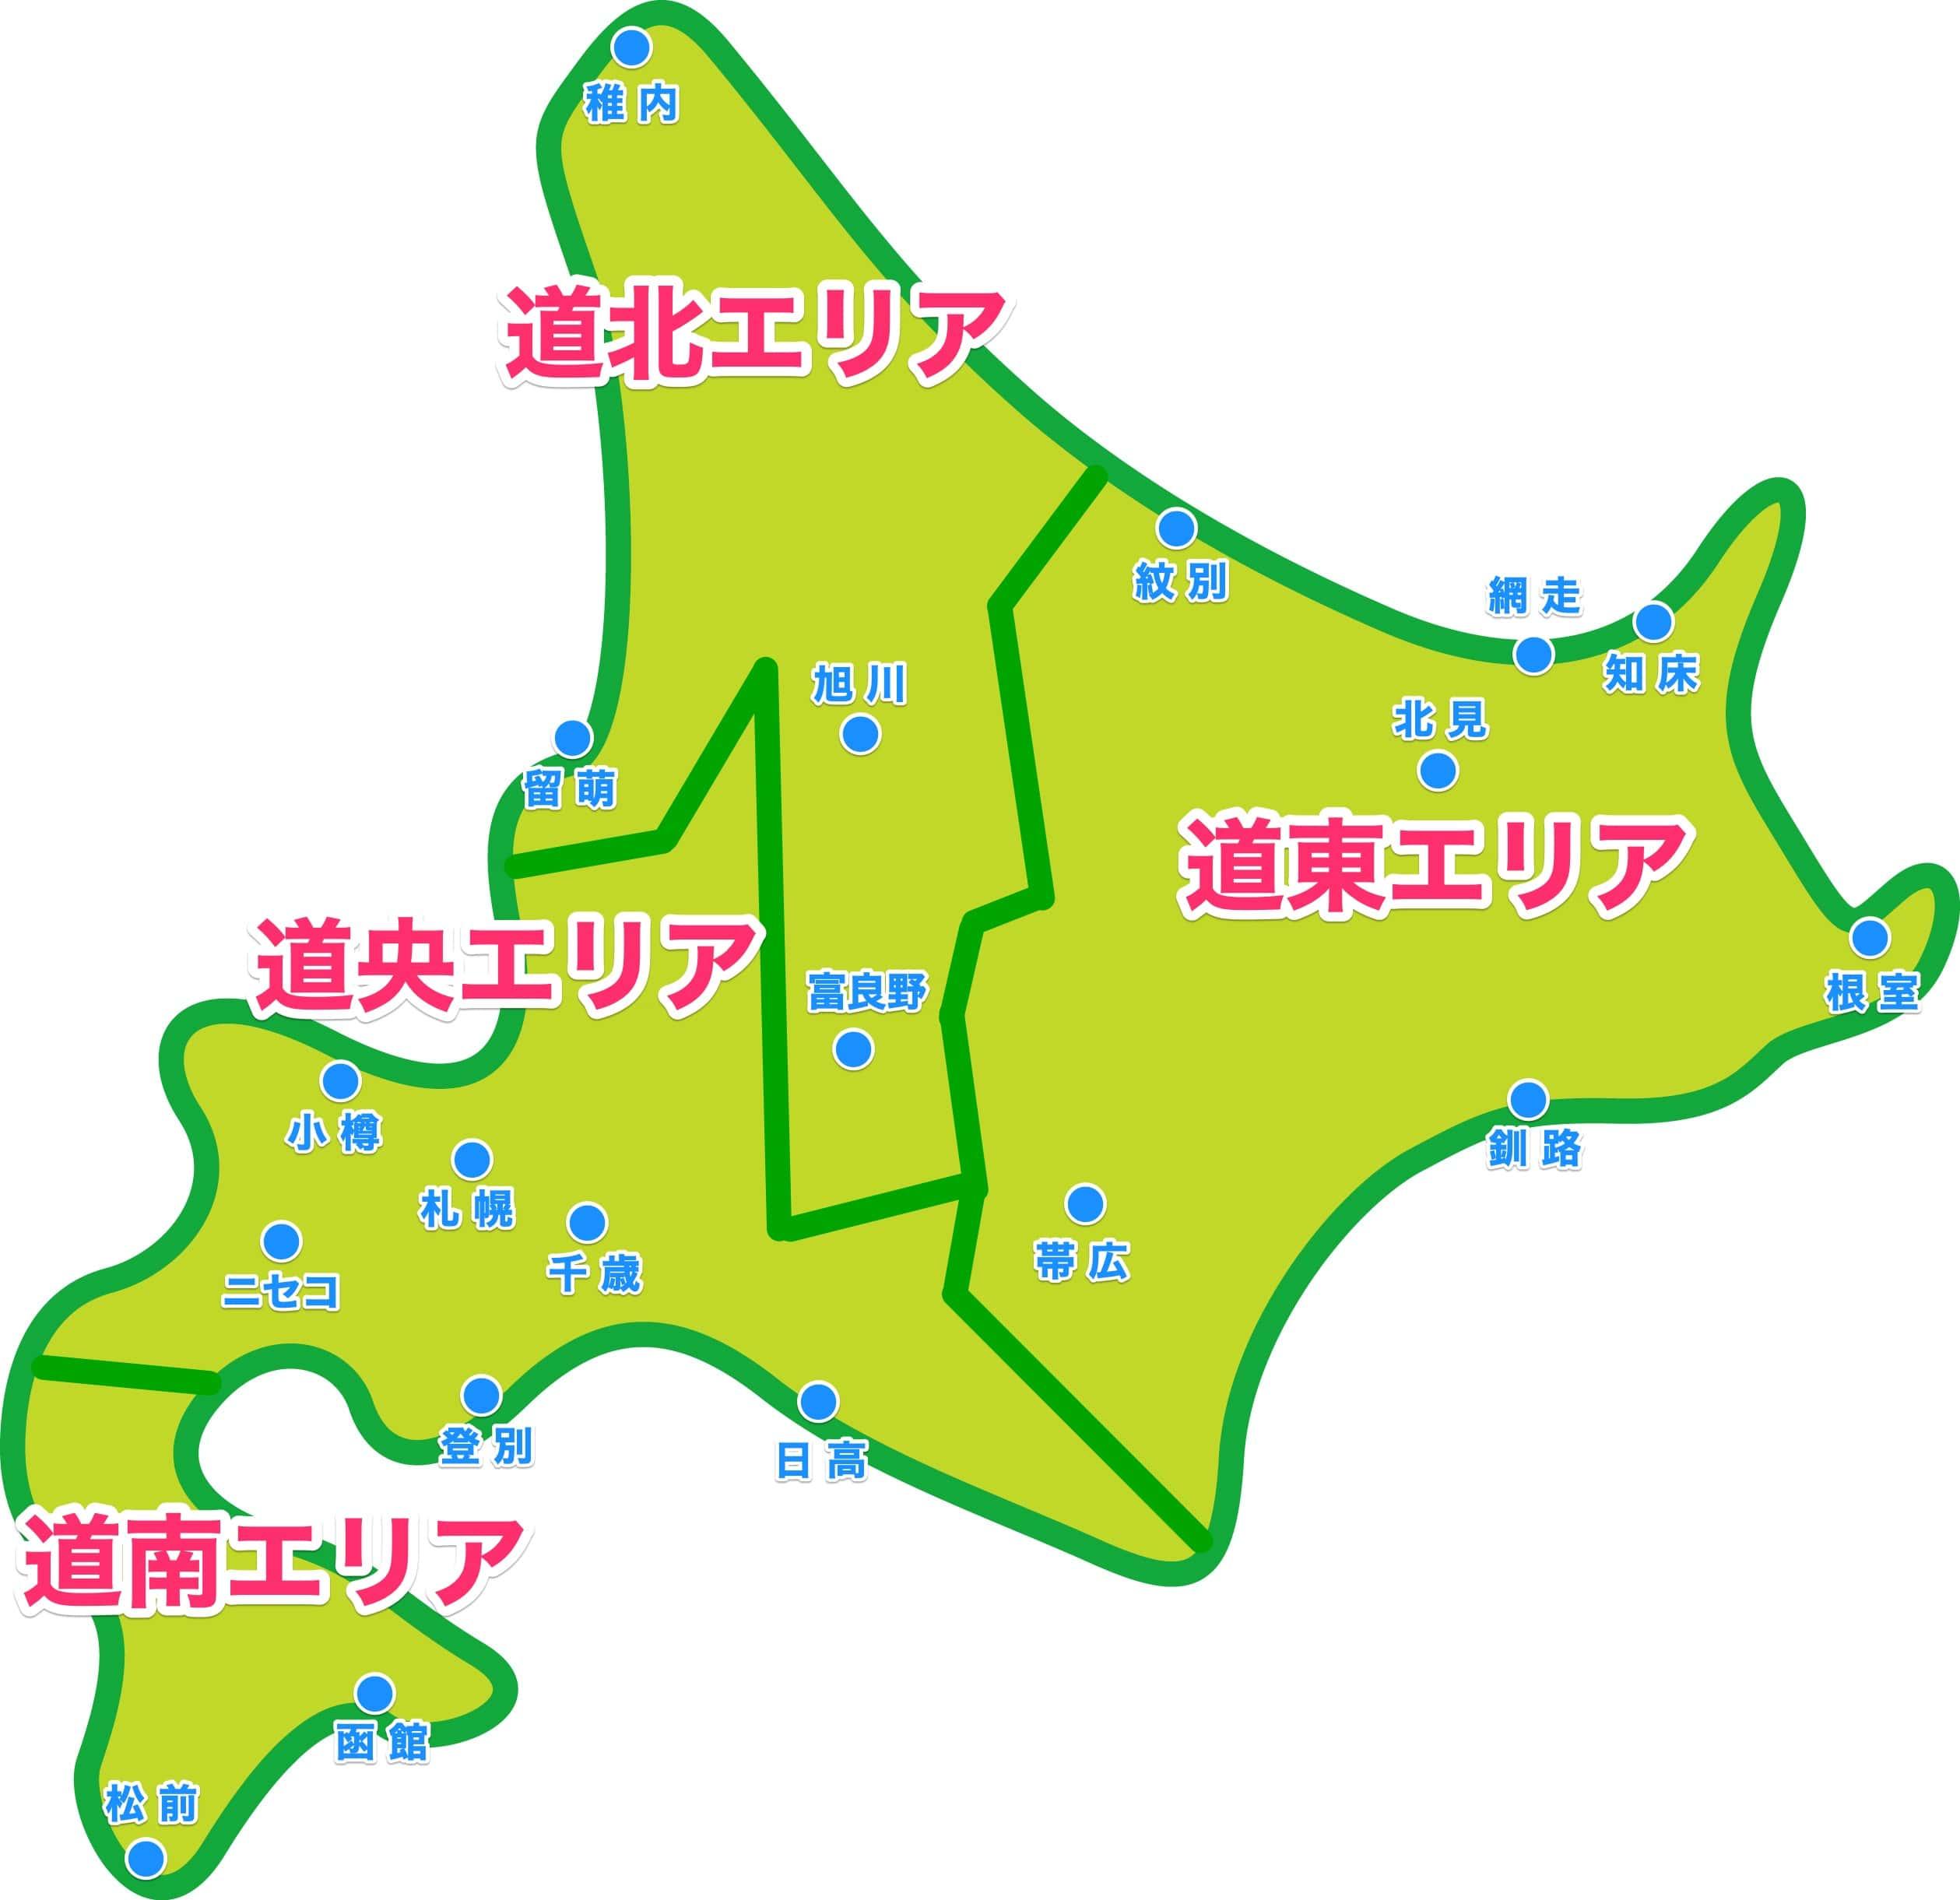 北海道エリアマップ